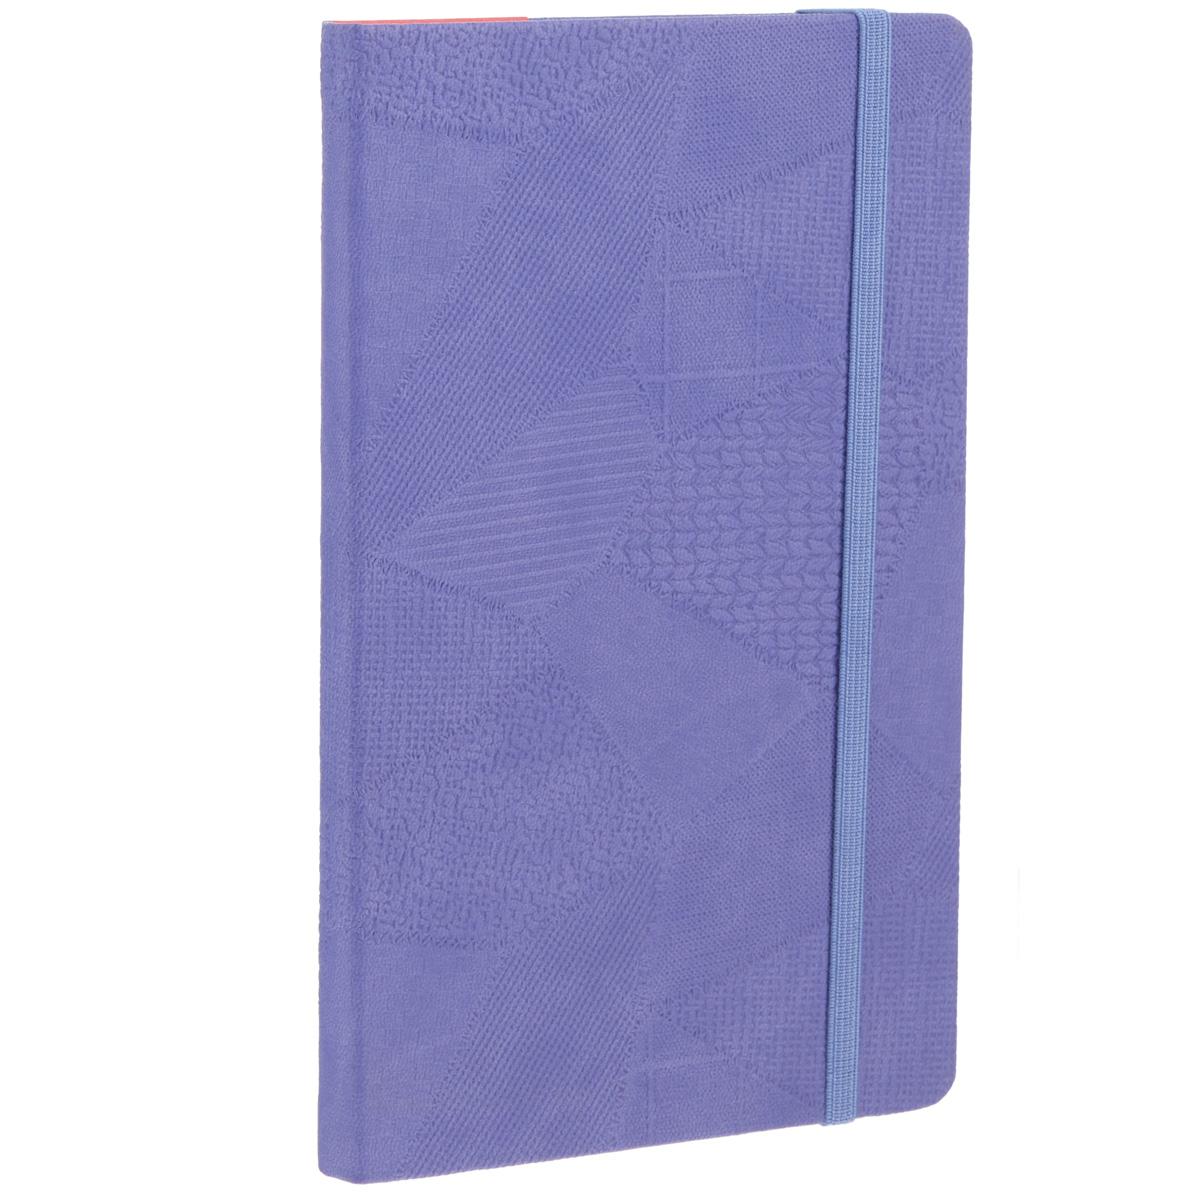 Записная книжка Erich Krause Bazar, цвет: фиолетовый, 96 листов36764Записная книжка Erich Krause Bazar - это дополнительный штрих к вашему имиджу. Демократичная в своем содержании, книжка может быть использована не только для личных пометок и записей, но и как недатированный ежедневник. Надежная твердая обложка из плотного картона, обтянутого текстильным материалом с тиснением в виде сшитых лоскутов ткани, сохранит ее в аккуратном состоянии на протяжении всего времени использования. Плотная в линейку бумага белого цвета, закладка-ляссе, практичные скругленные углы, эластичная петелька для ручки и внутренний бумажный карман на задней обложке - все это обеспечит вам истинное удовольствие от письма. В начале книжки имеется страничка для заполнения личных данных владельца, четыре страницы для заполнения адресов, телефонов и интернет-почты и четыре страницы для заполнения сайтов и ссылок. Благодаря небольшому формату книжку легко взять с собой. Записная книжка плотно закрывается при помощи фиксирующей резинки.